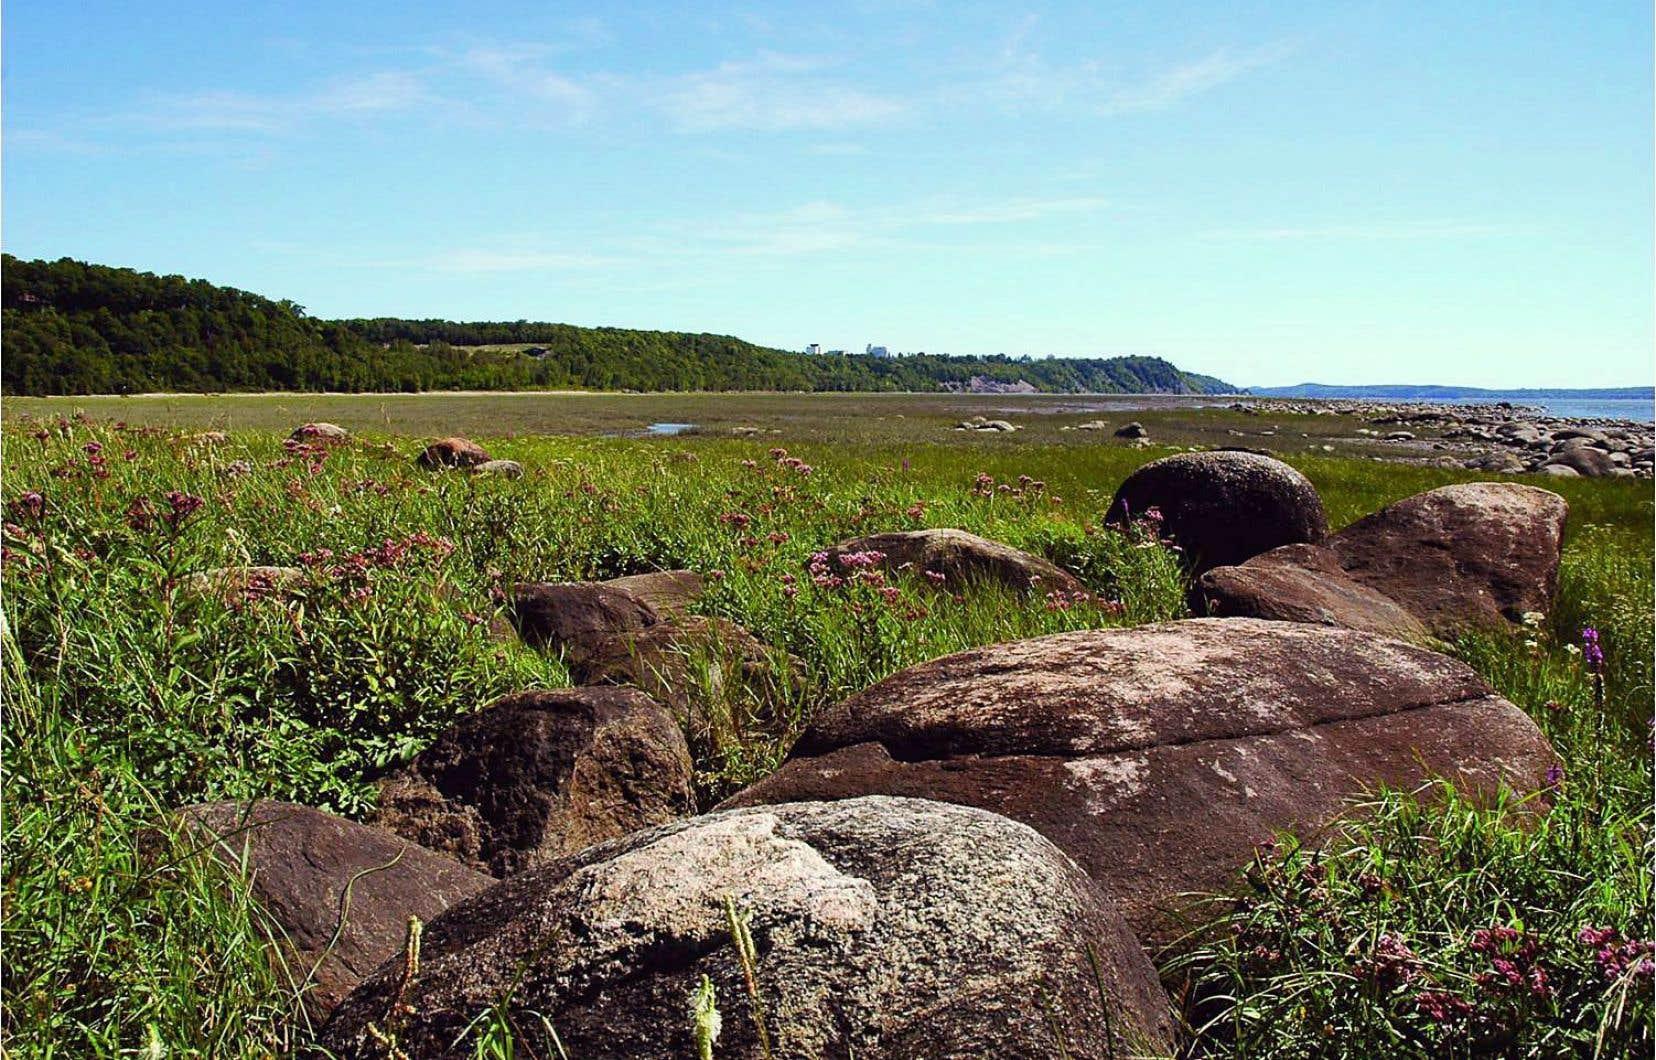 Le pipeline doit passer par la réserve naturelle des battures de Saint-Augustin-de-Desmaures, une zone abritant une biodiversité unique au monde.